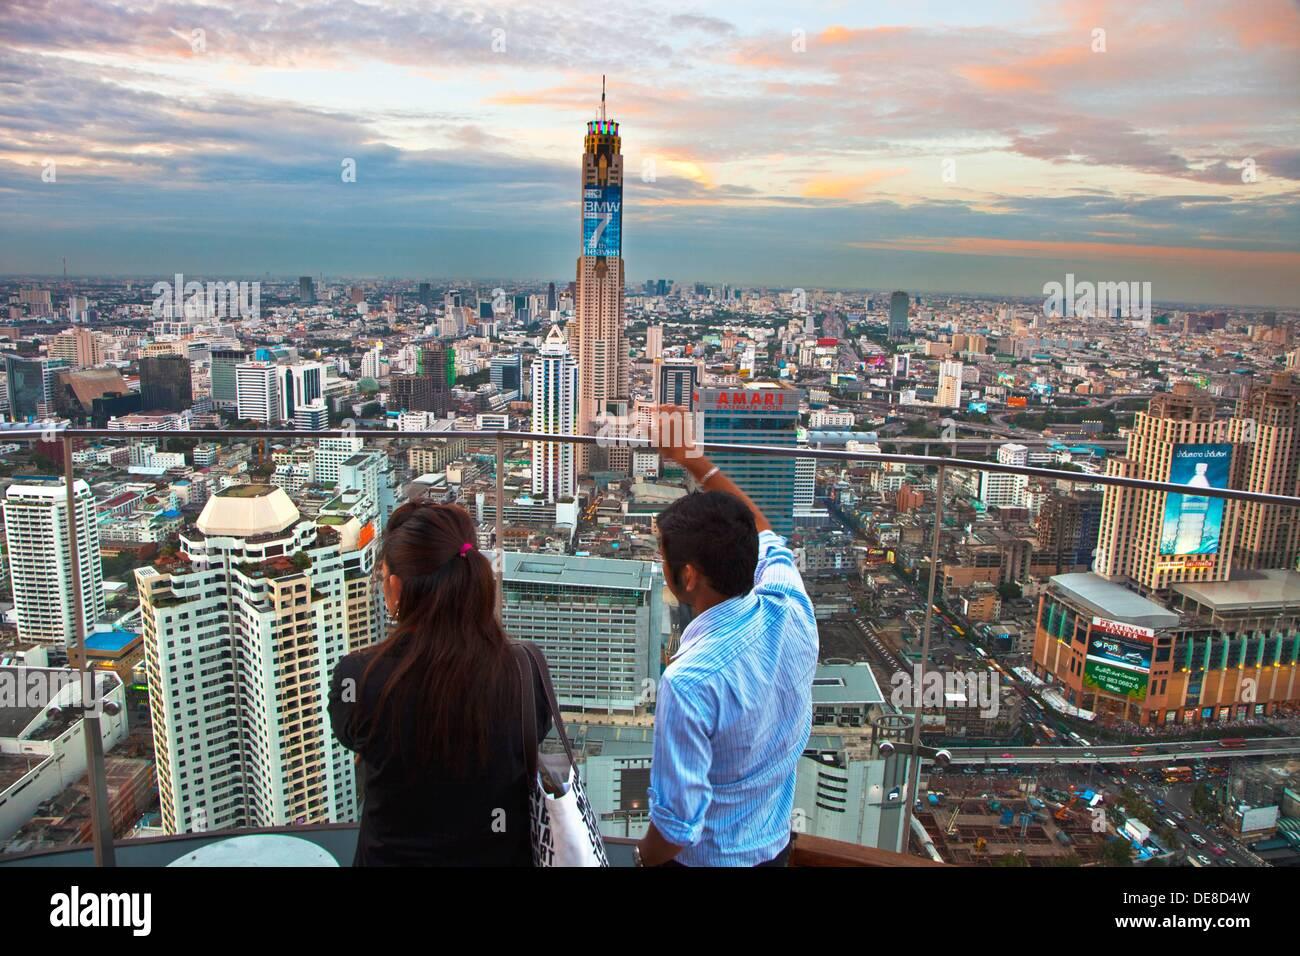 Centara Grand Hotel Al Central World Bangkok Tower Bar Red Sky Ein Unvergessliches Outdoor Dach Top Adresse Mit Beeindruckender Aussicht Stockfotografie Alamy